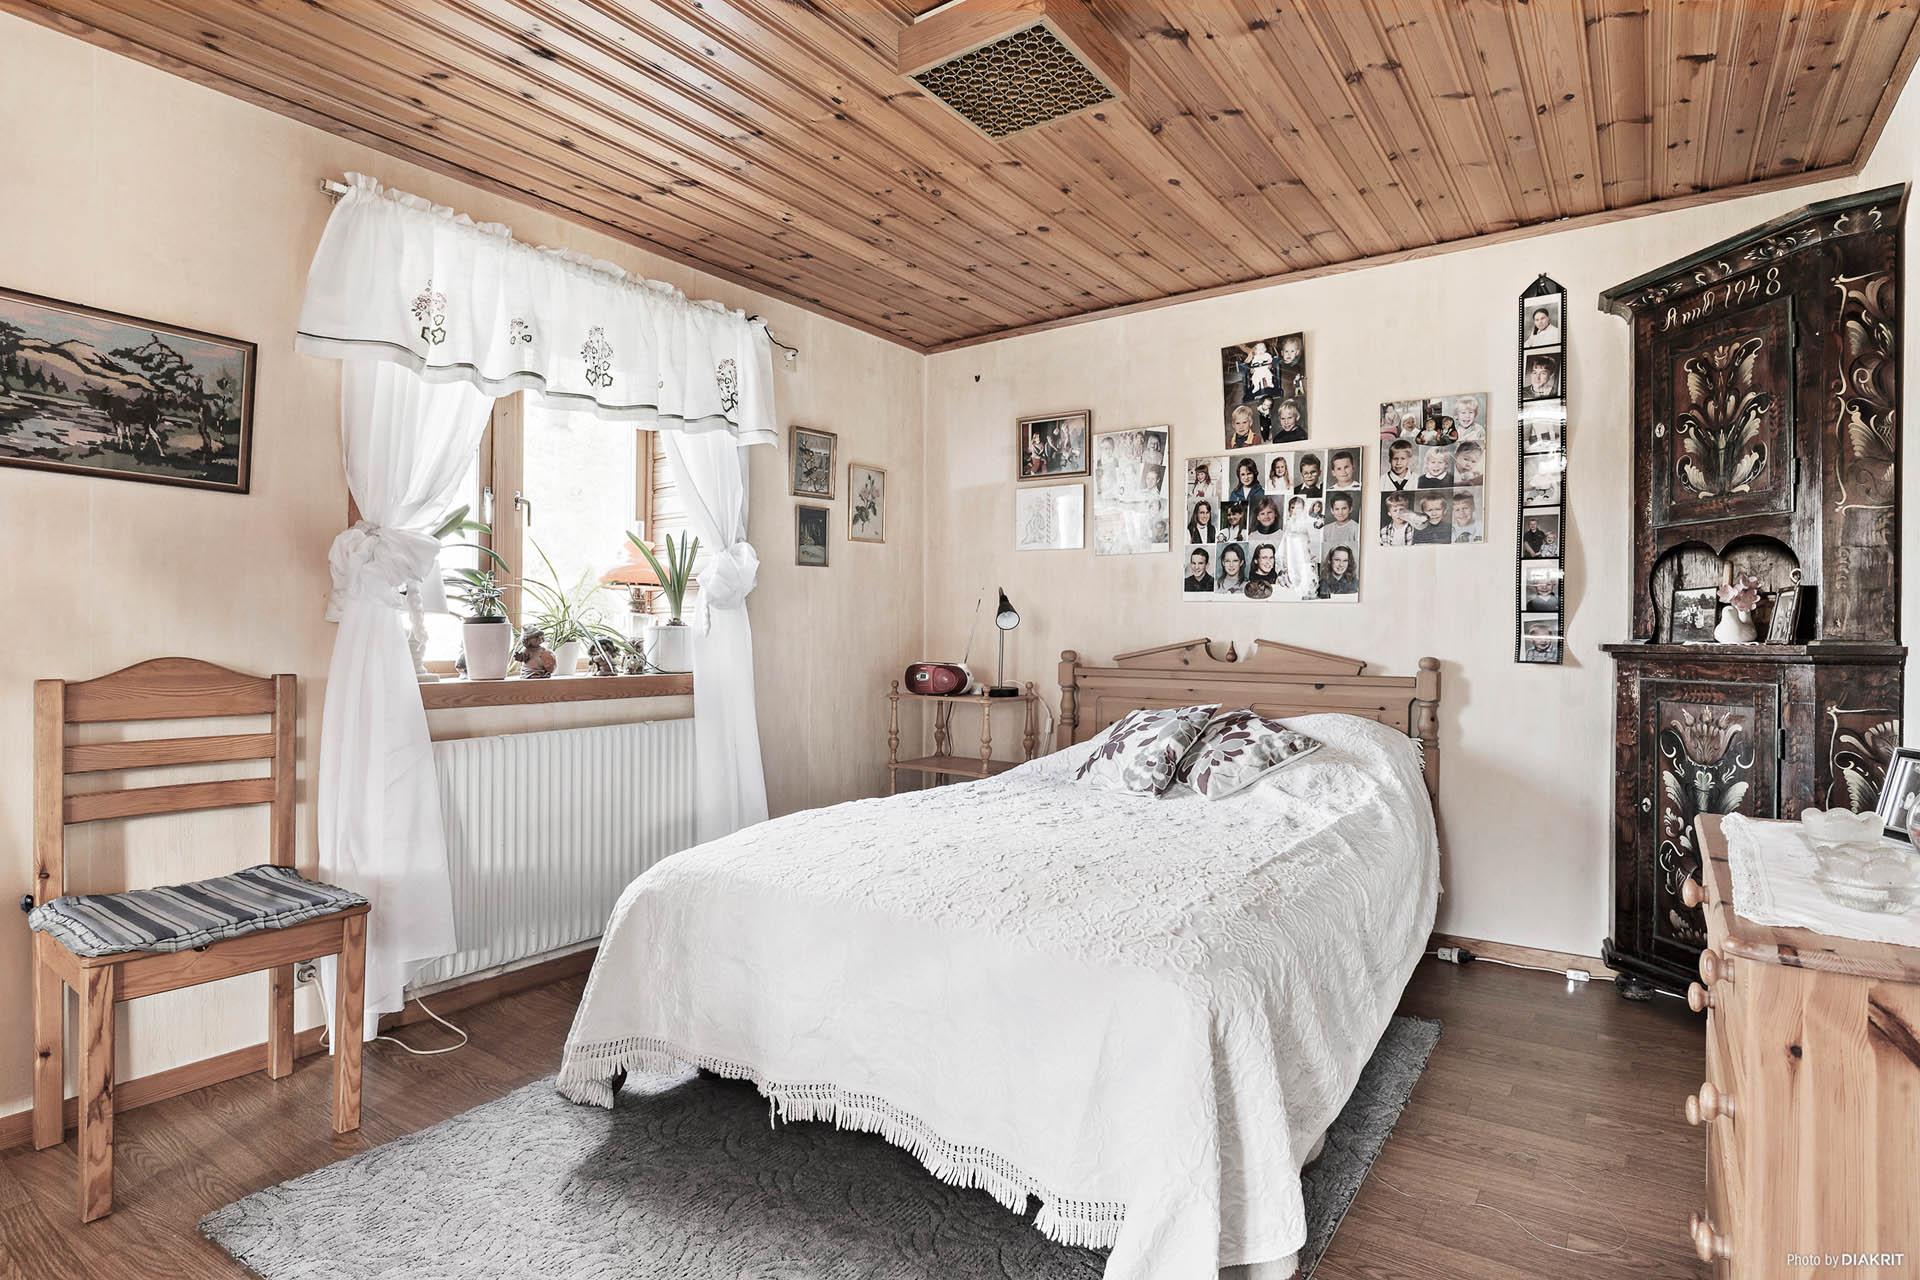 Delen av vardagsrummet som är i vinkel. Detta kan göras om till ytterligare ett sovrum om man önskar fler sovrum